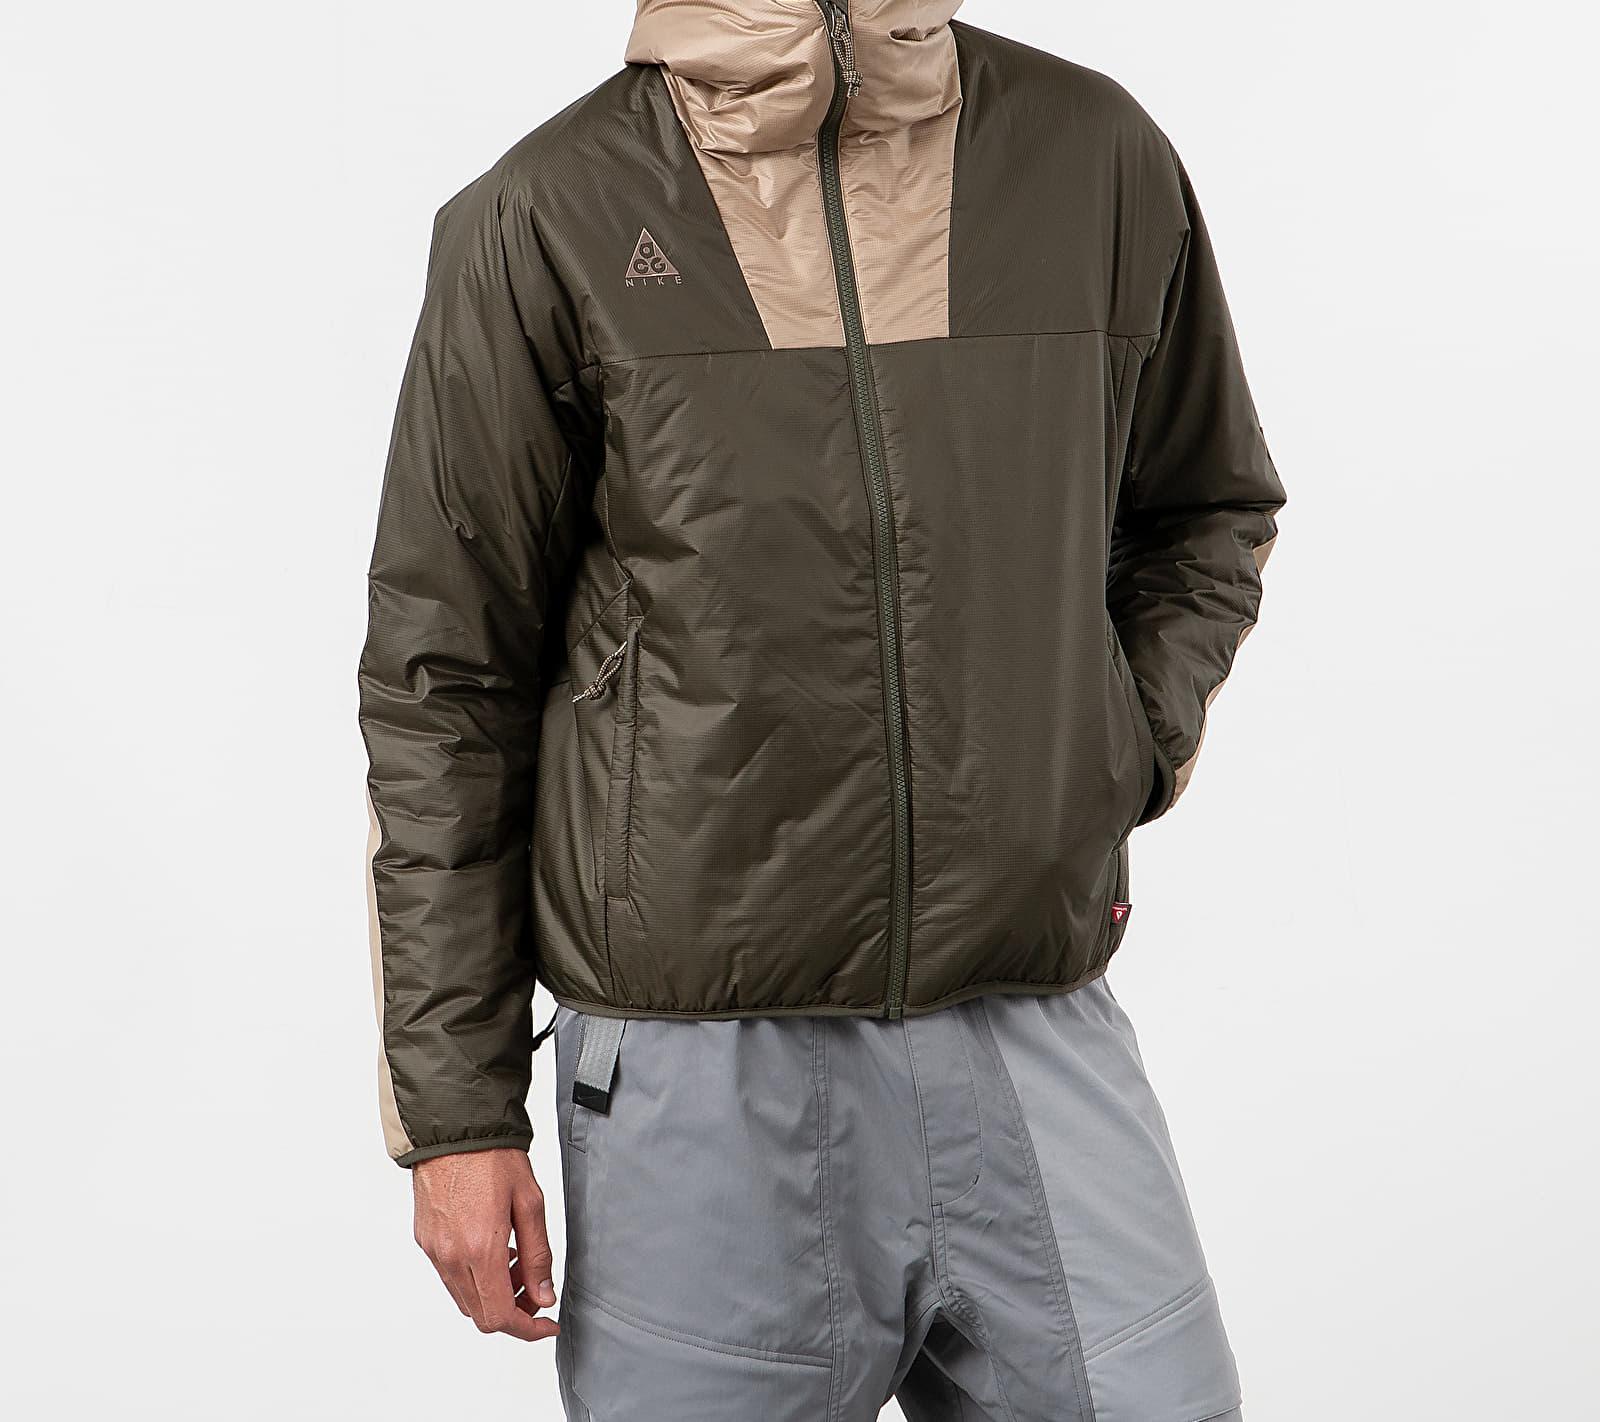 Nike ACG PrimaLoft® Hooded Jacket Cargo Khaki, Green